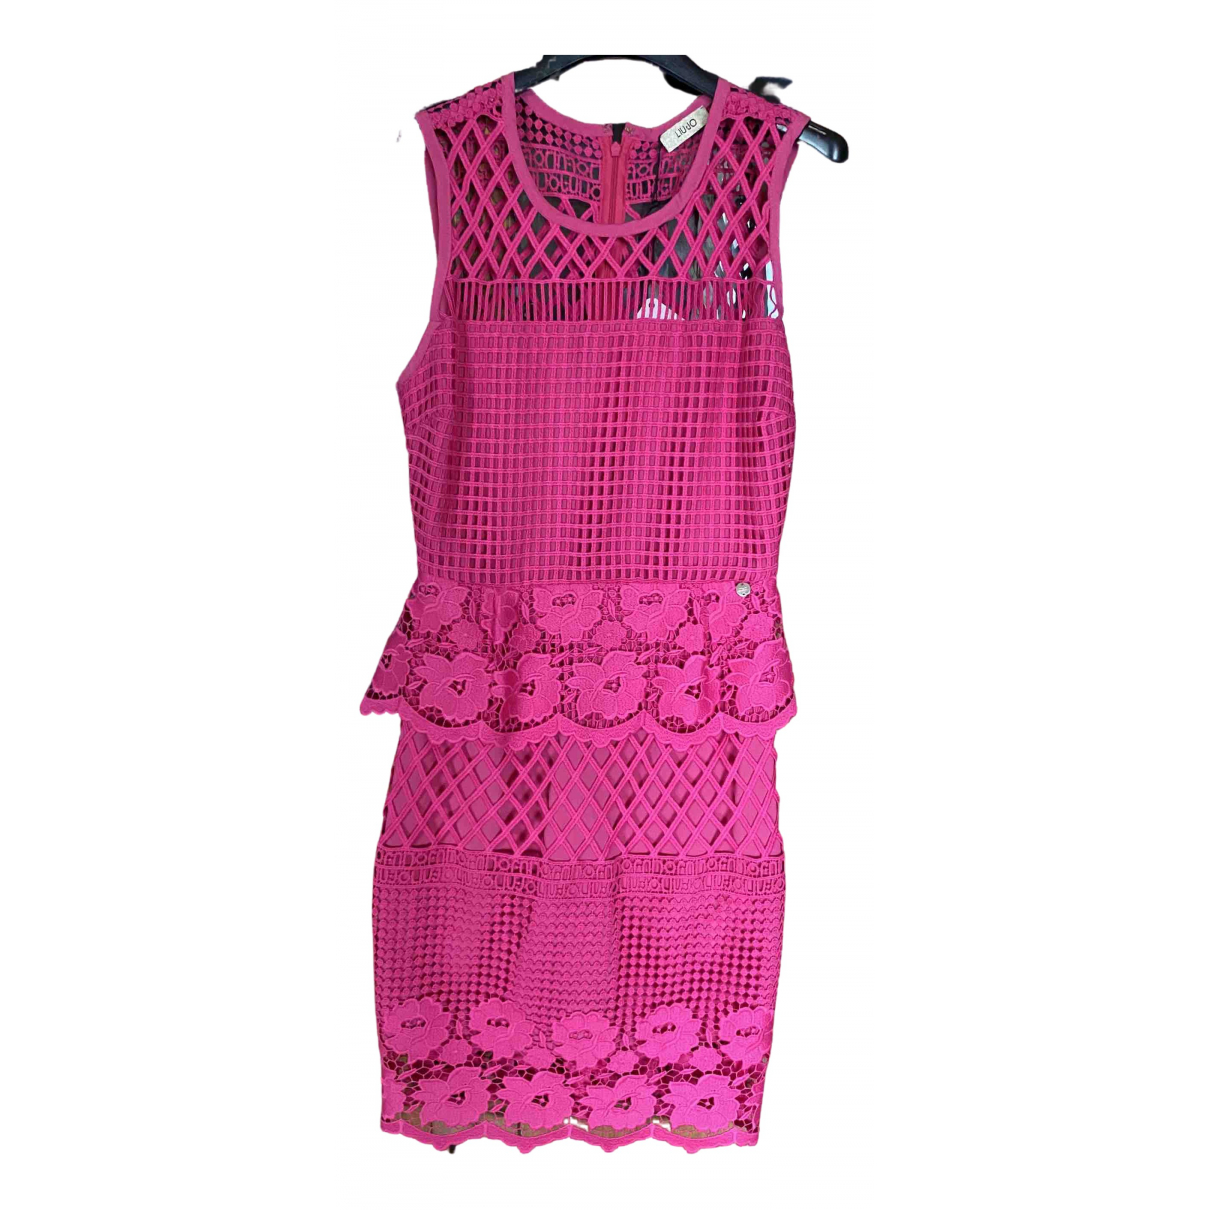 Liu.jo \N Lace dress for Women 40 IT